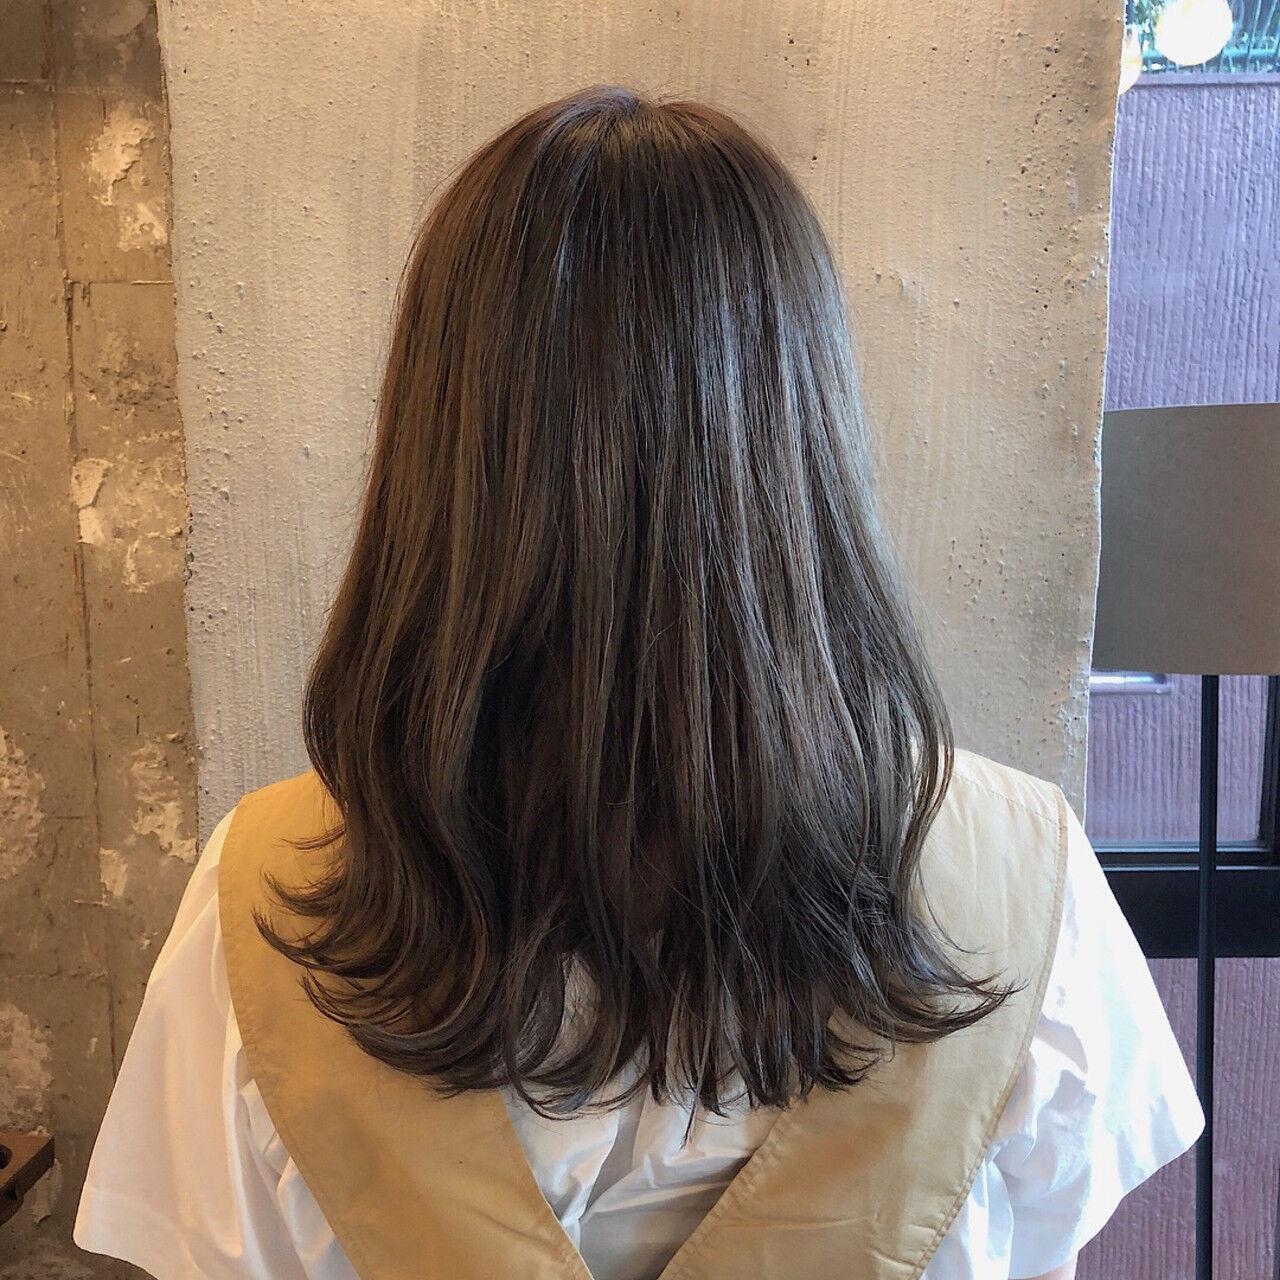 暗髪 ヘアアレンジ 外国人風カラー くすみカラーヘアスタイルや髪型の写真・画像